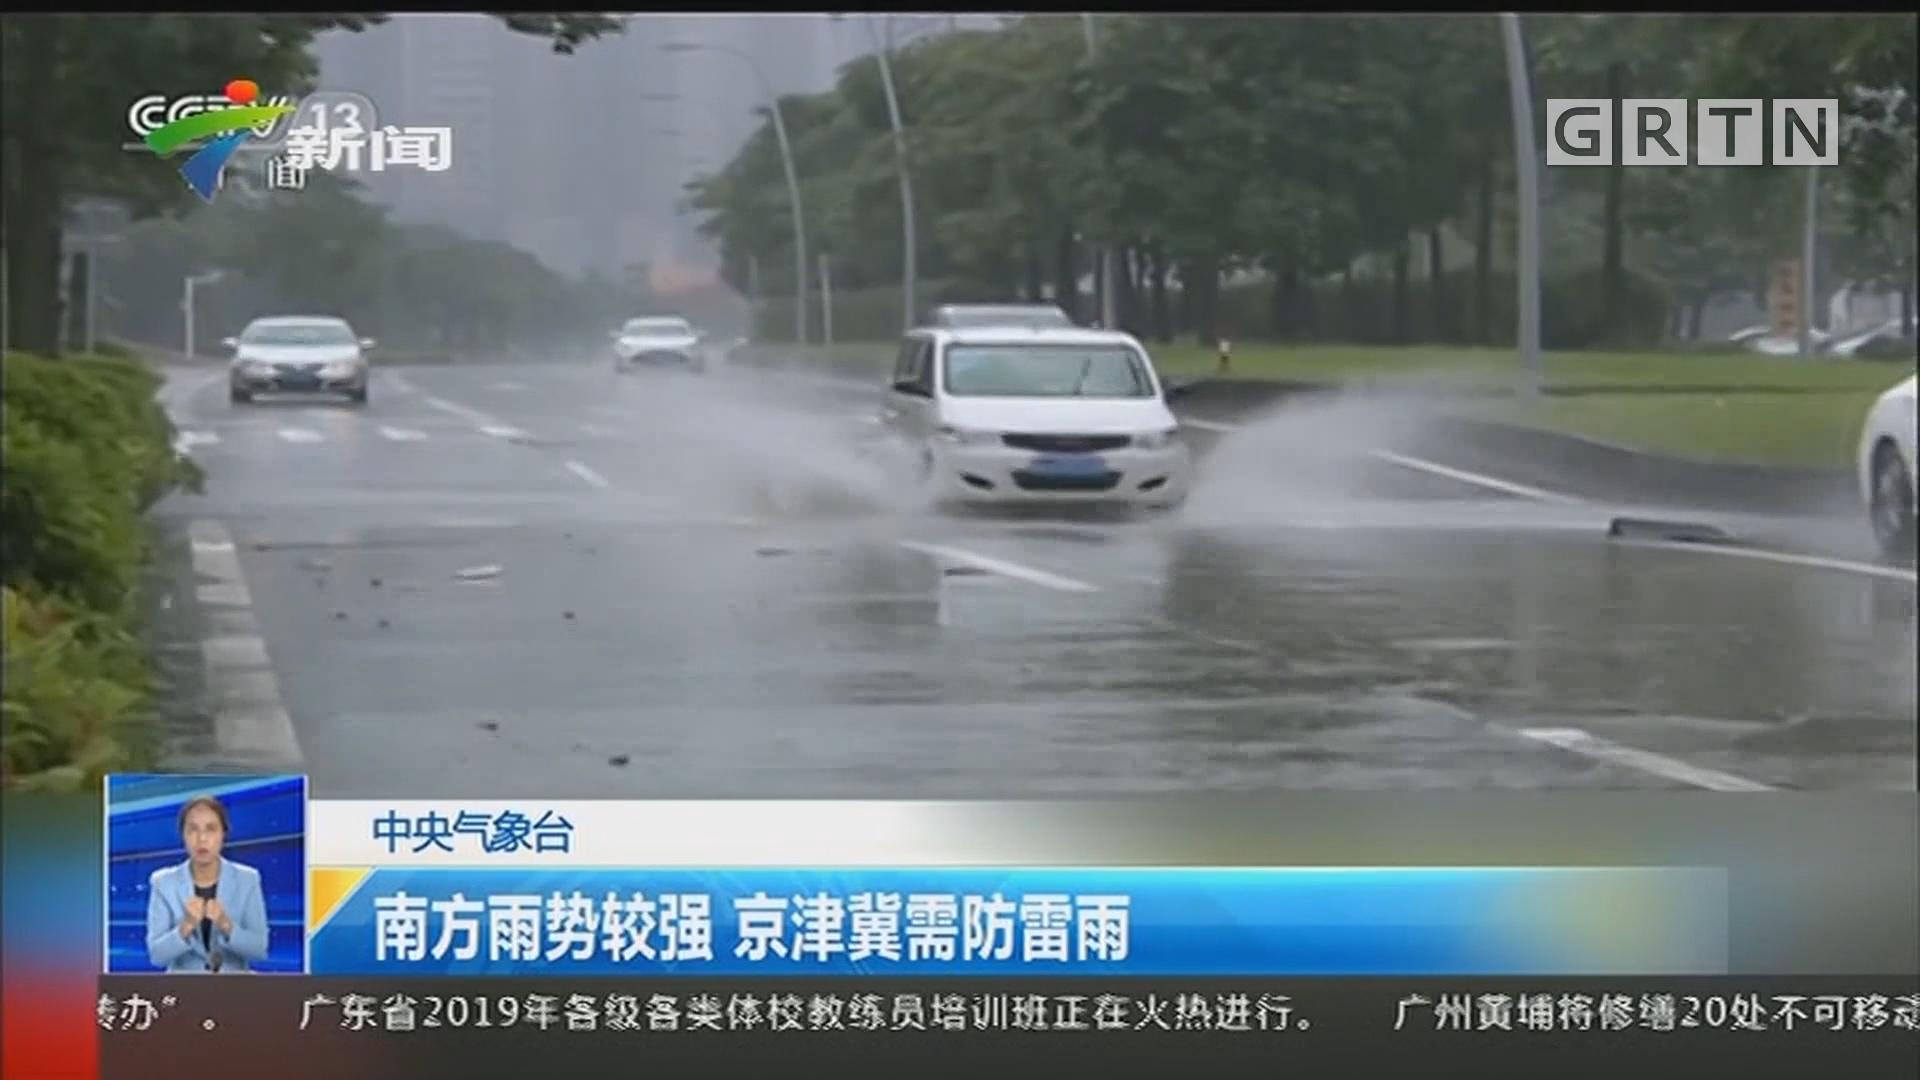 中央气象台:南方雨势较强 京津冀需防雷雨